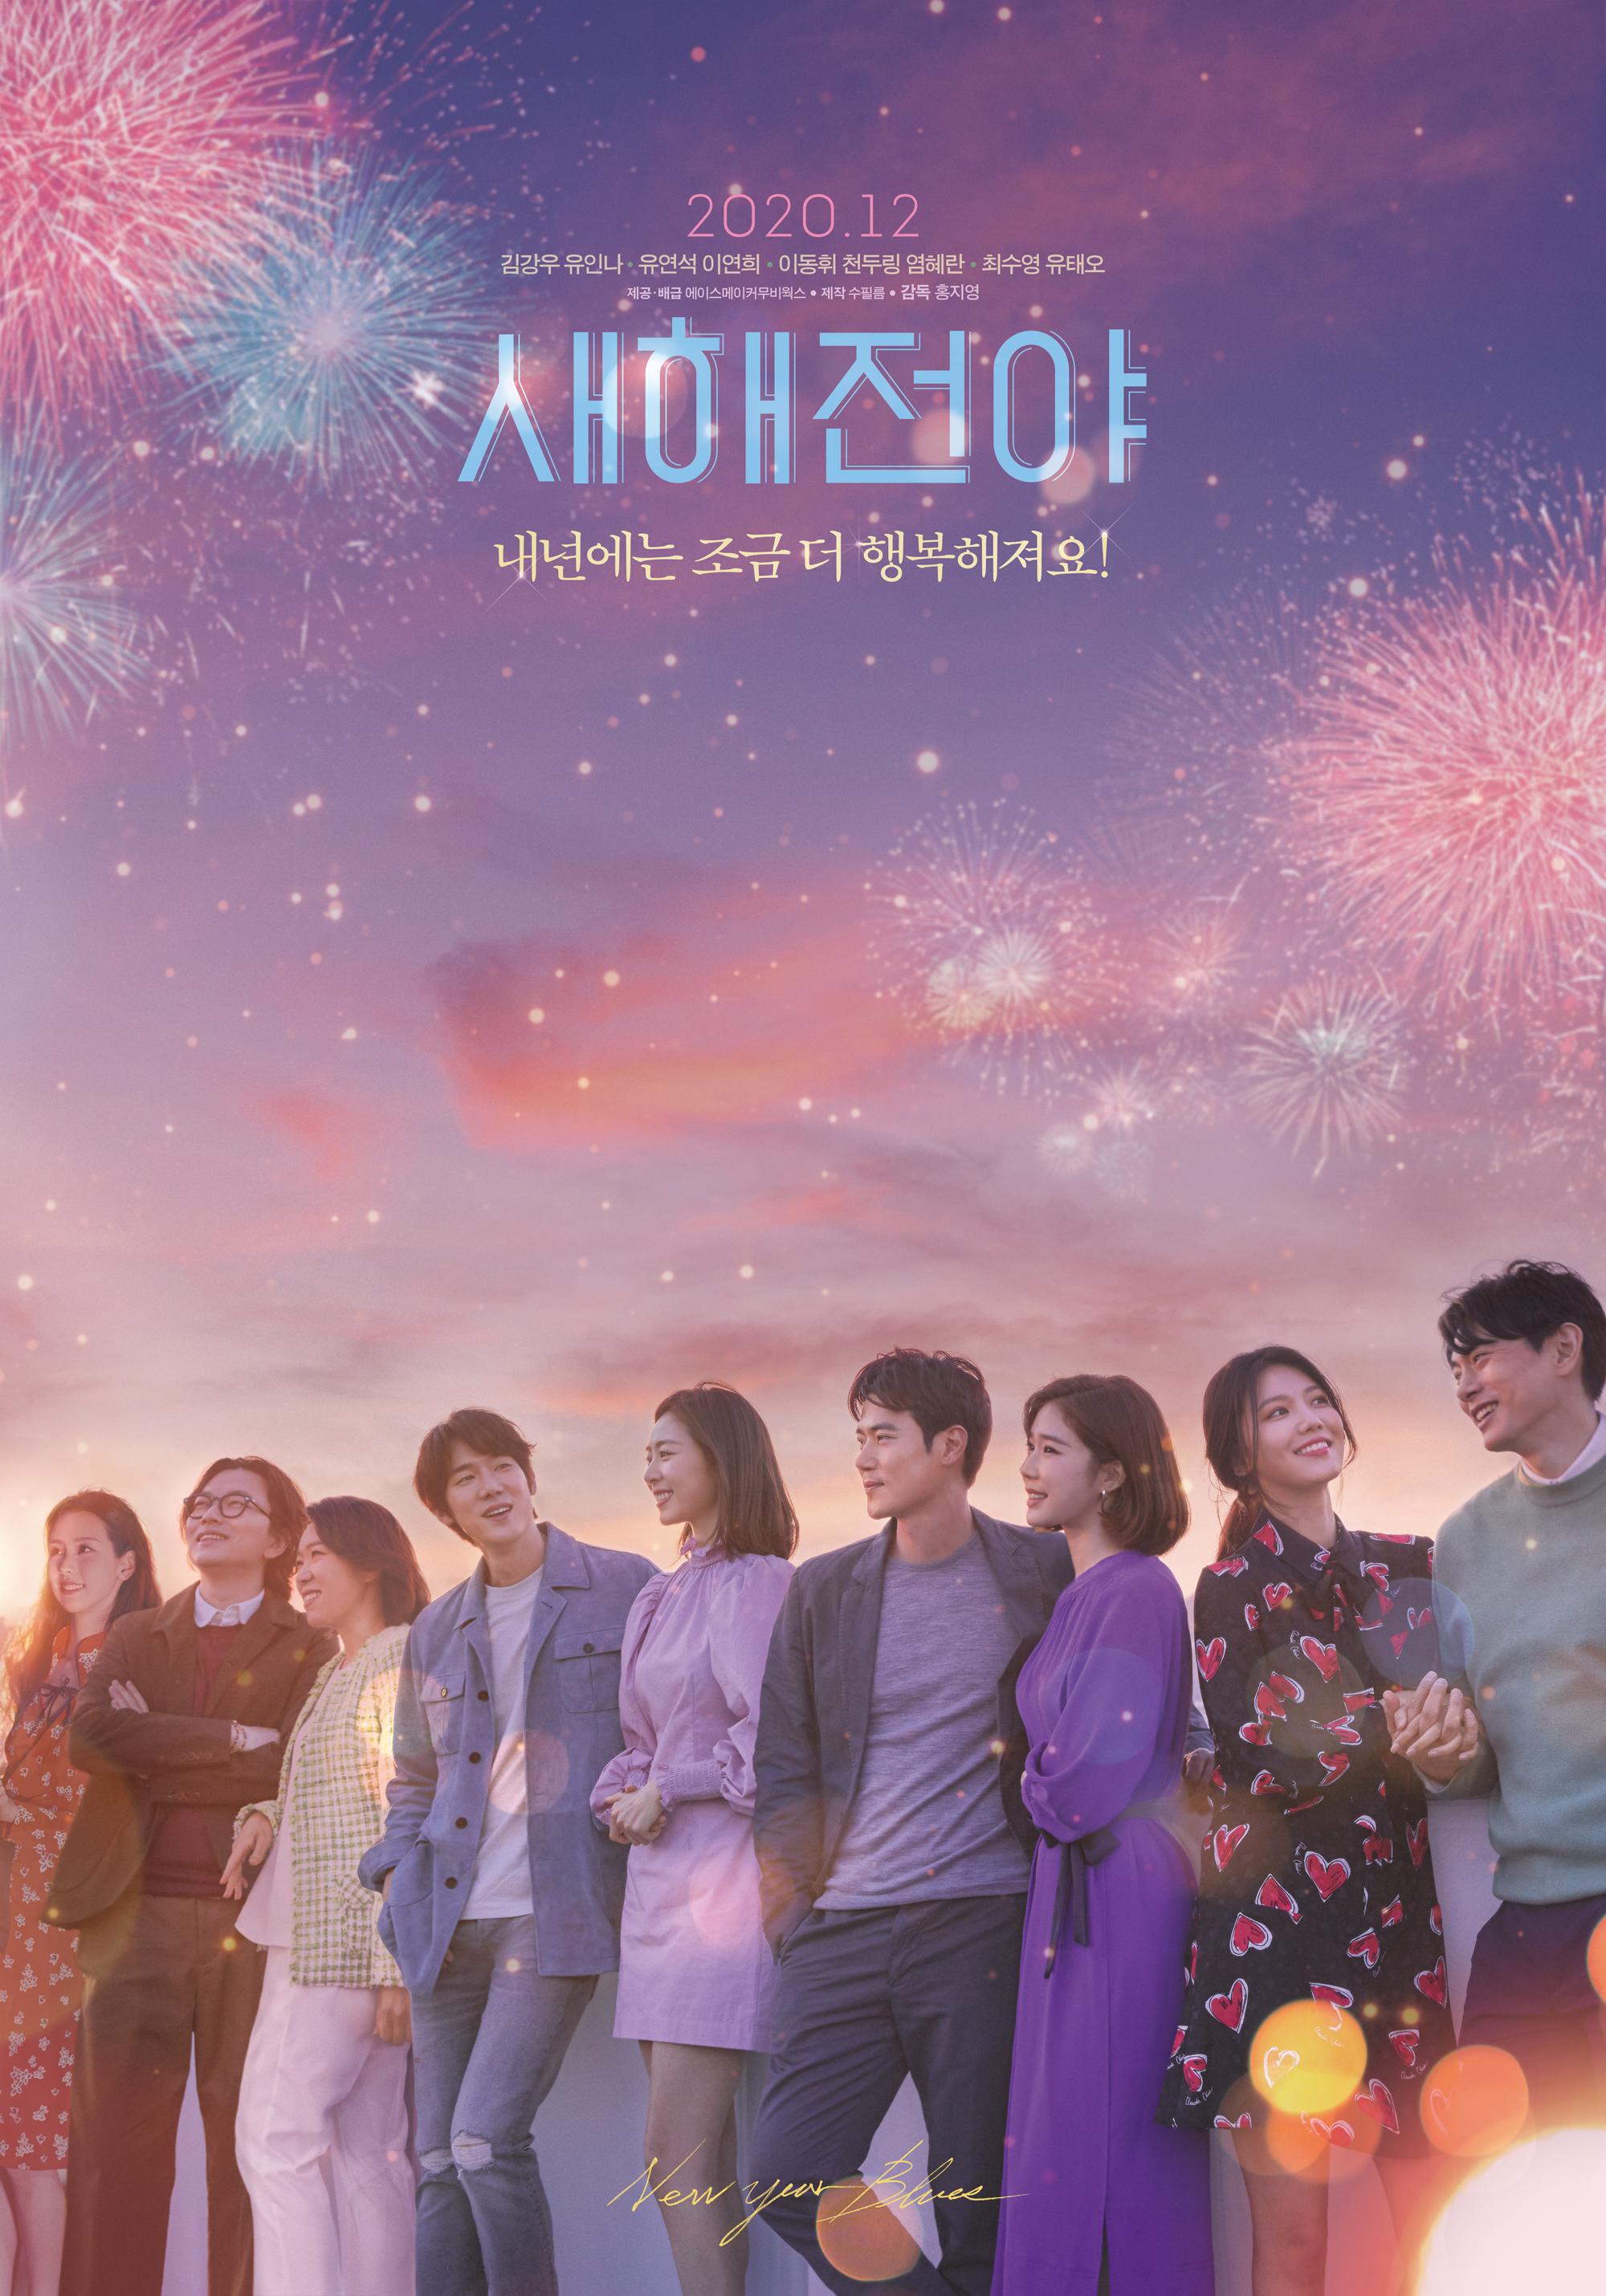 영화 , 12월 개봉 확정! 메인 포스터&예고편 공개